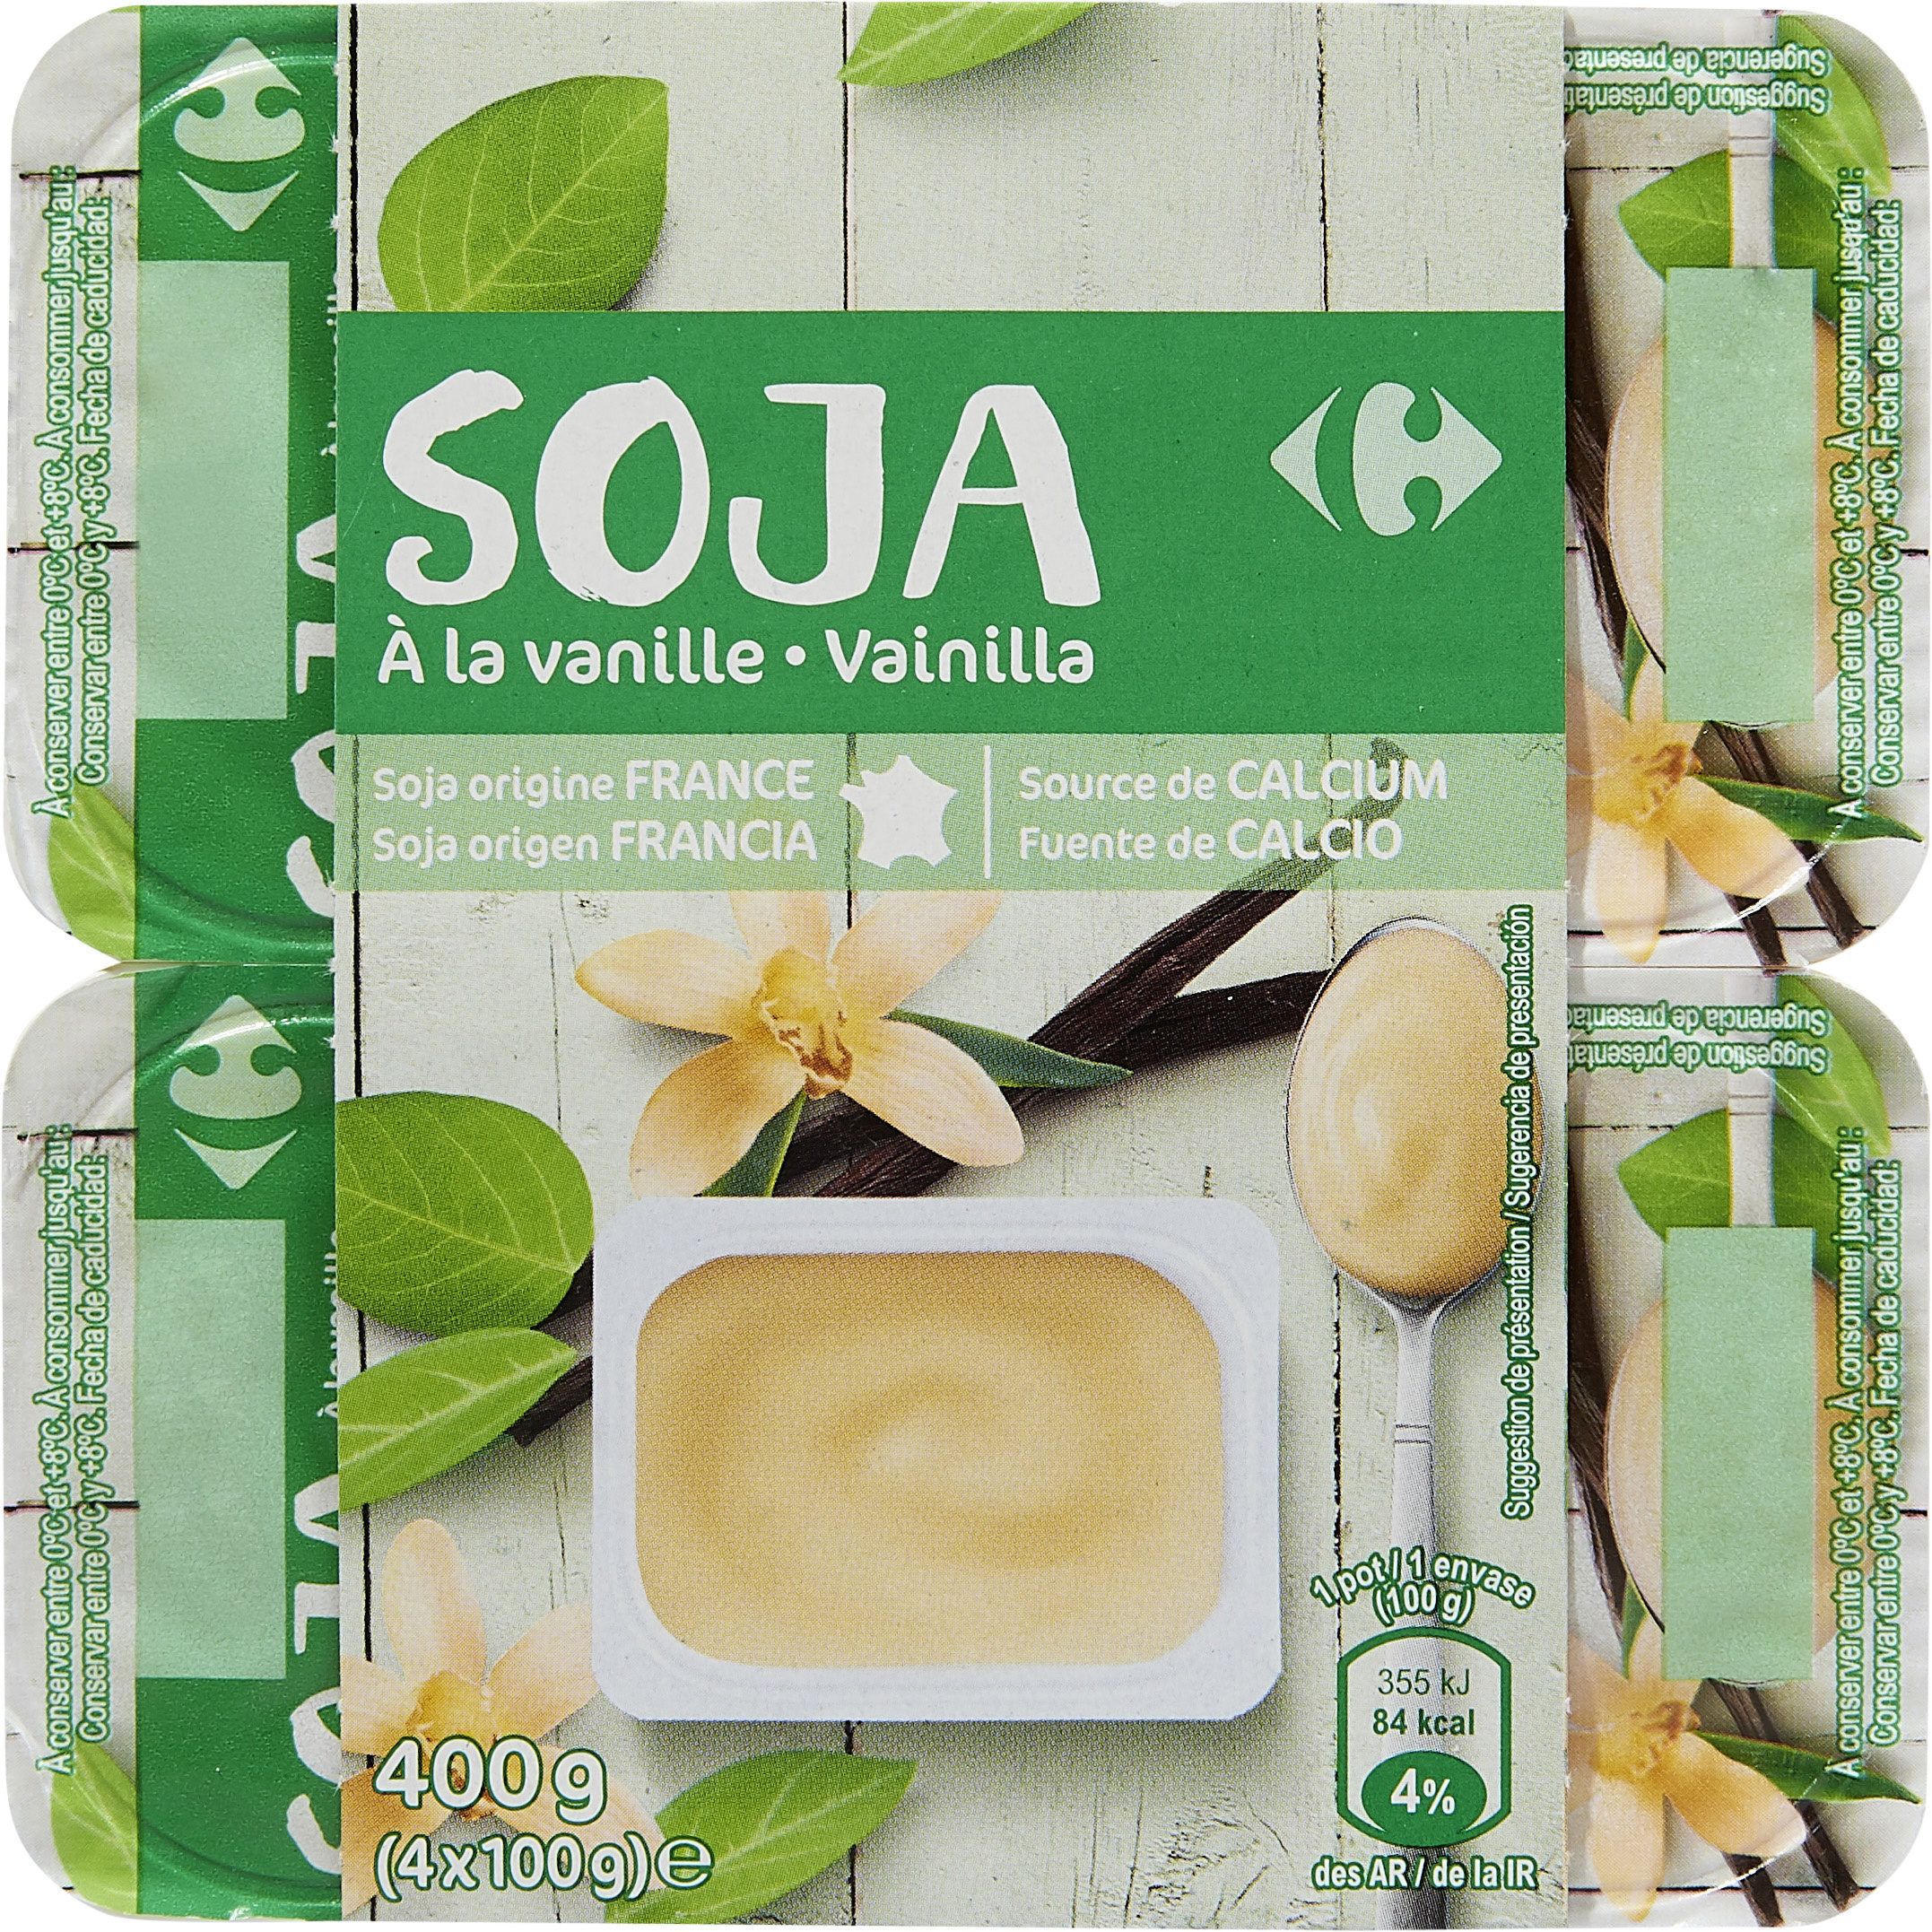 Postre de soja a la vainilla - Produit - fr